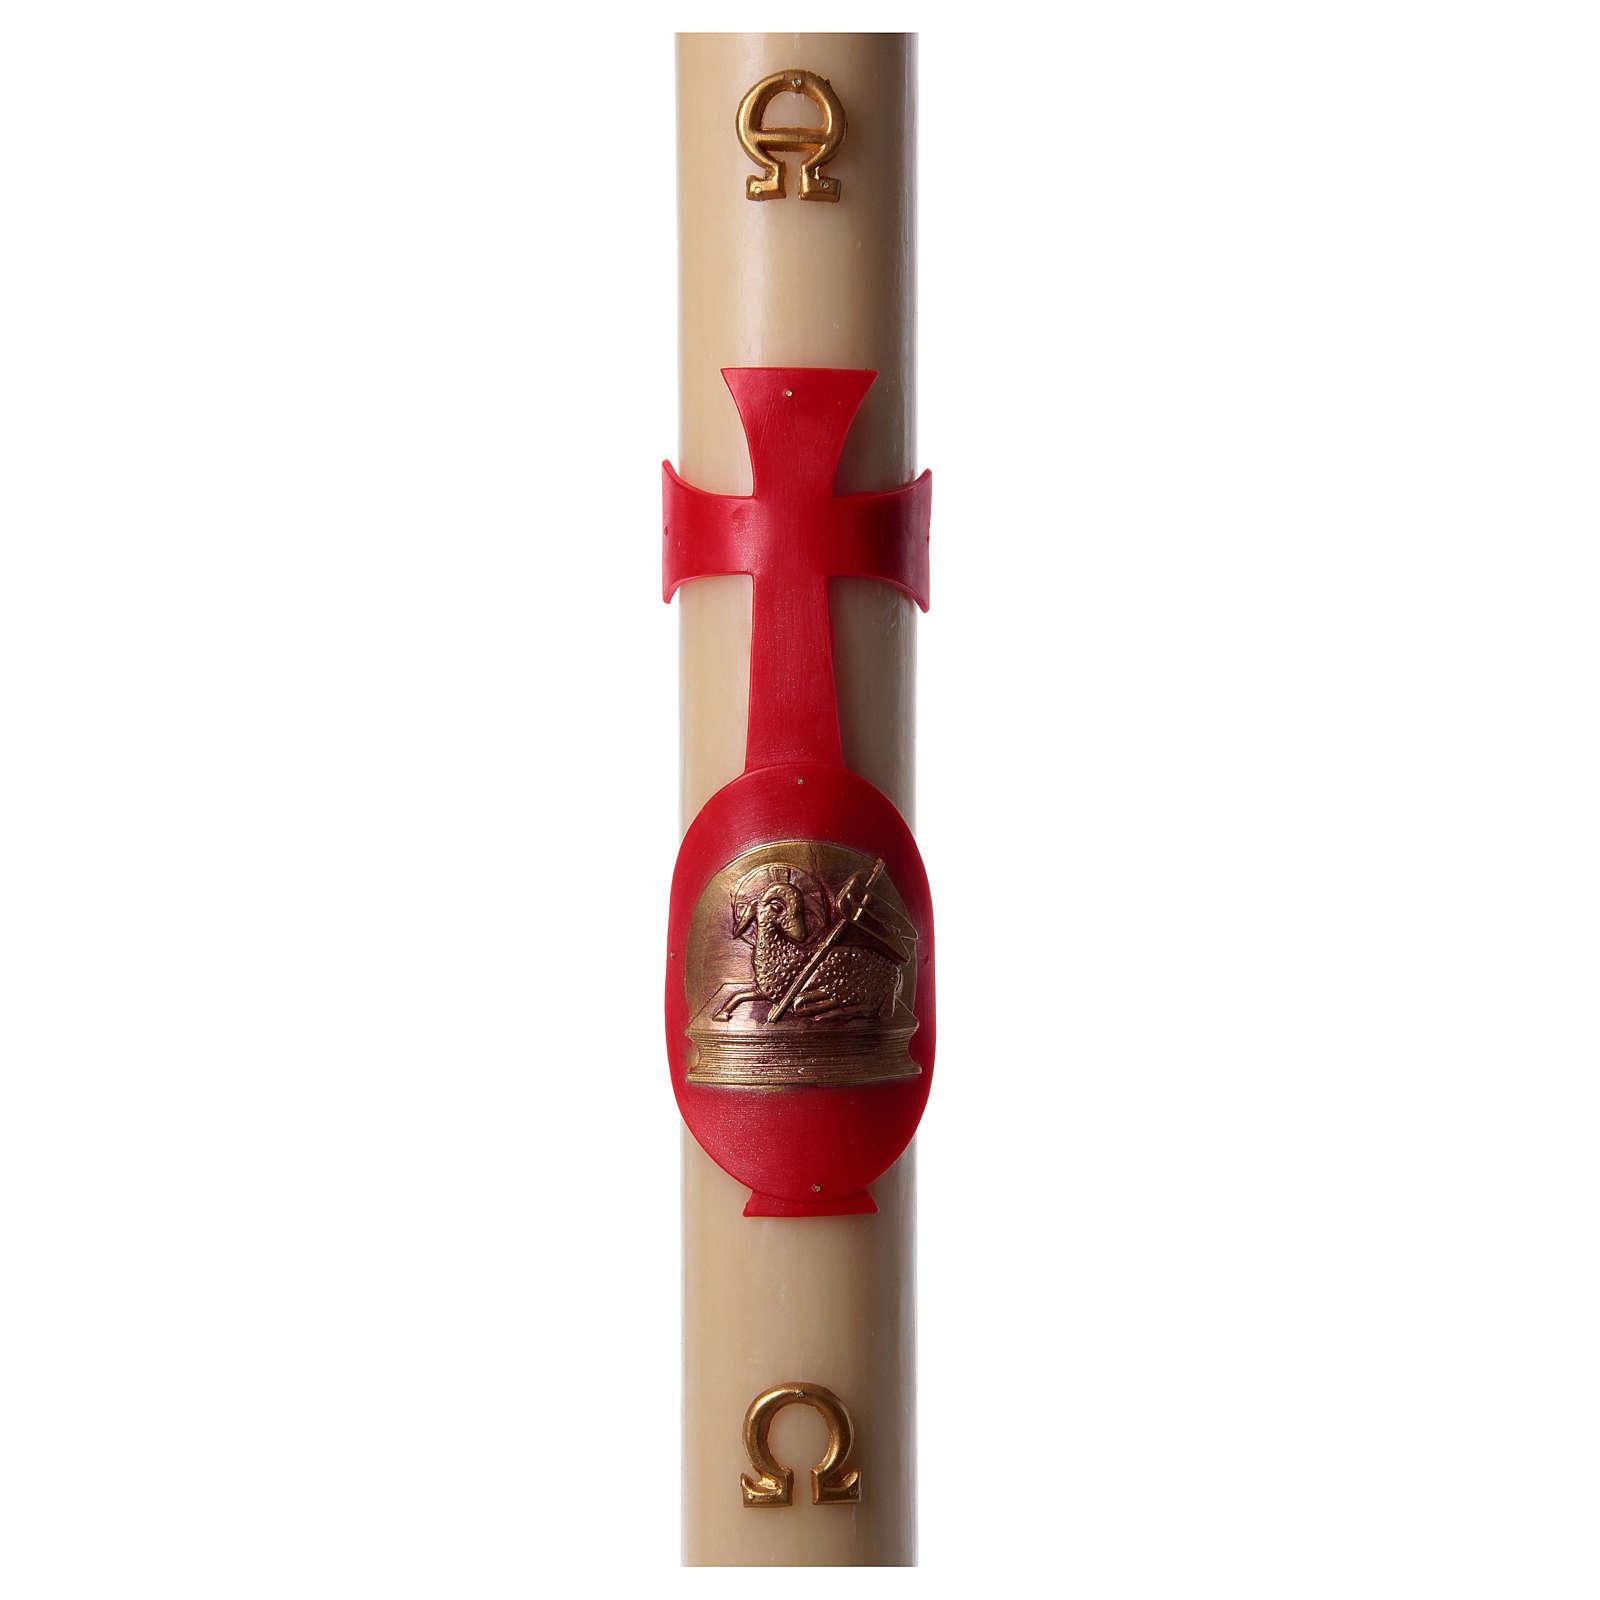 Cierge pascal cire abeille agneau avec livre rouge 8x120 cm 3